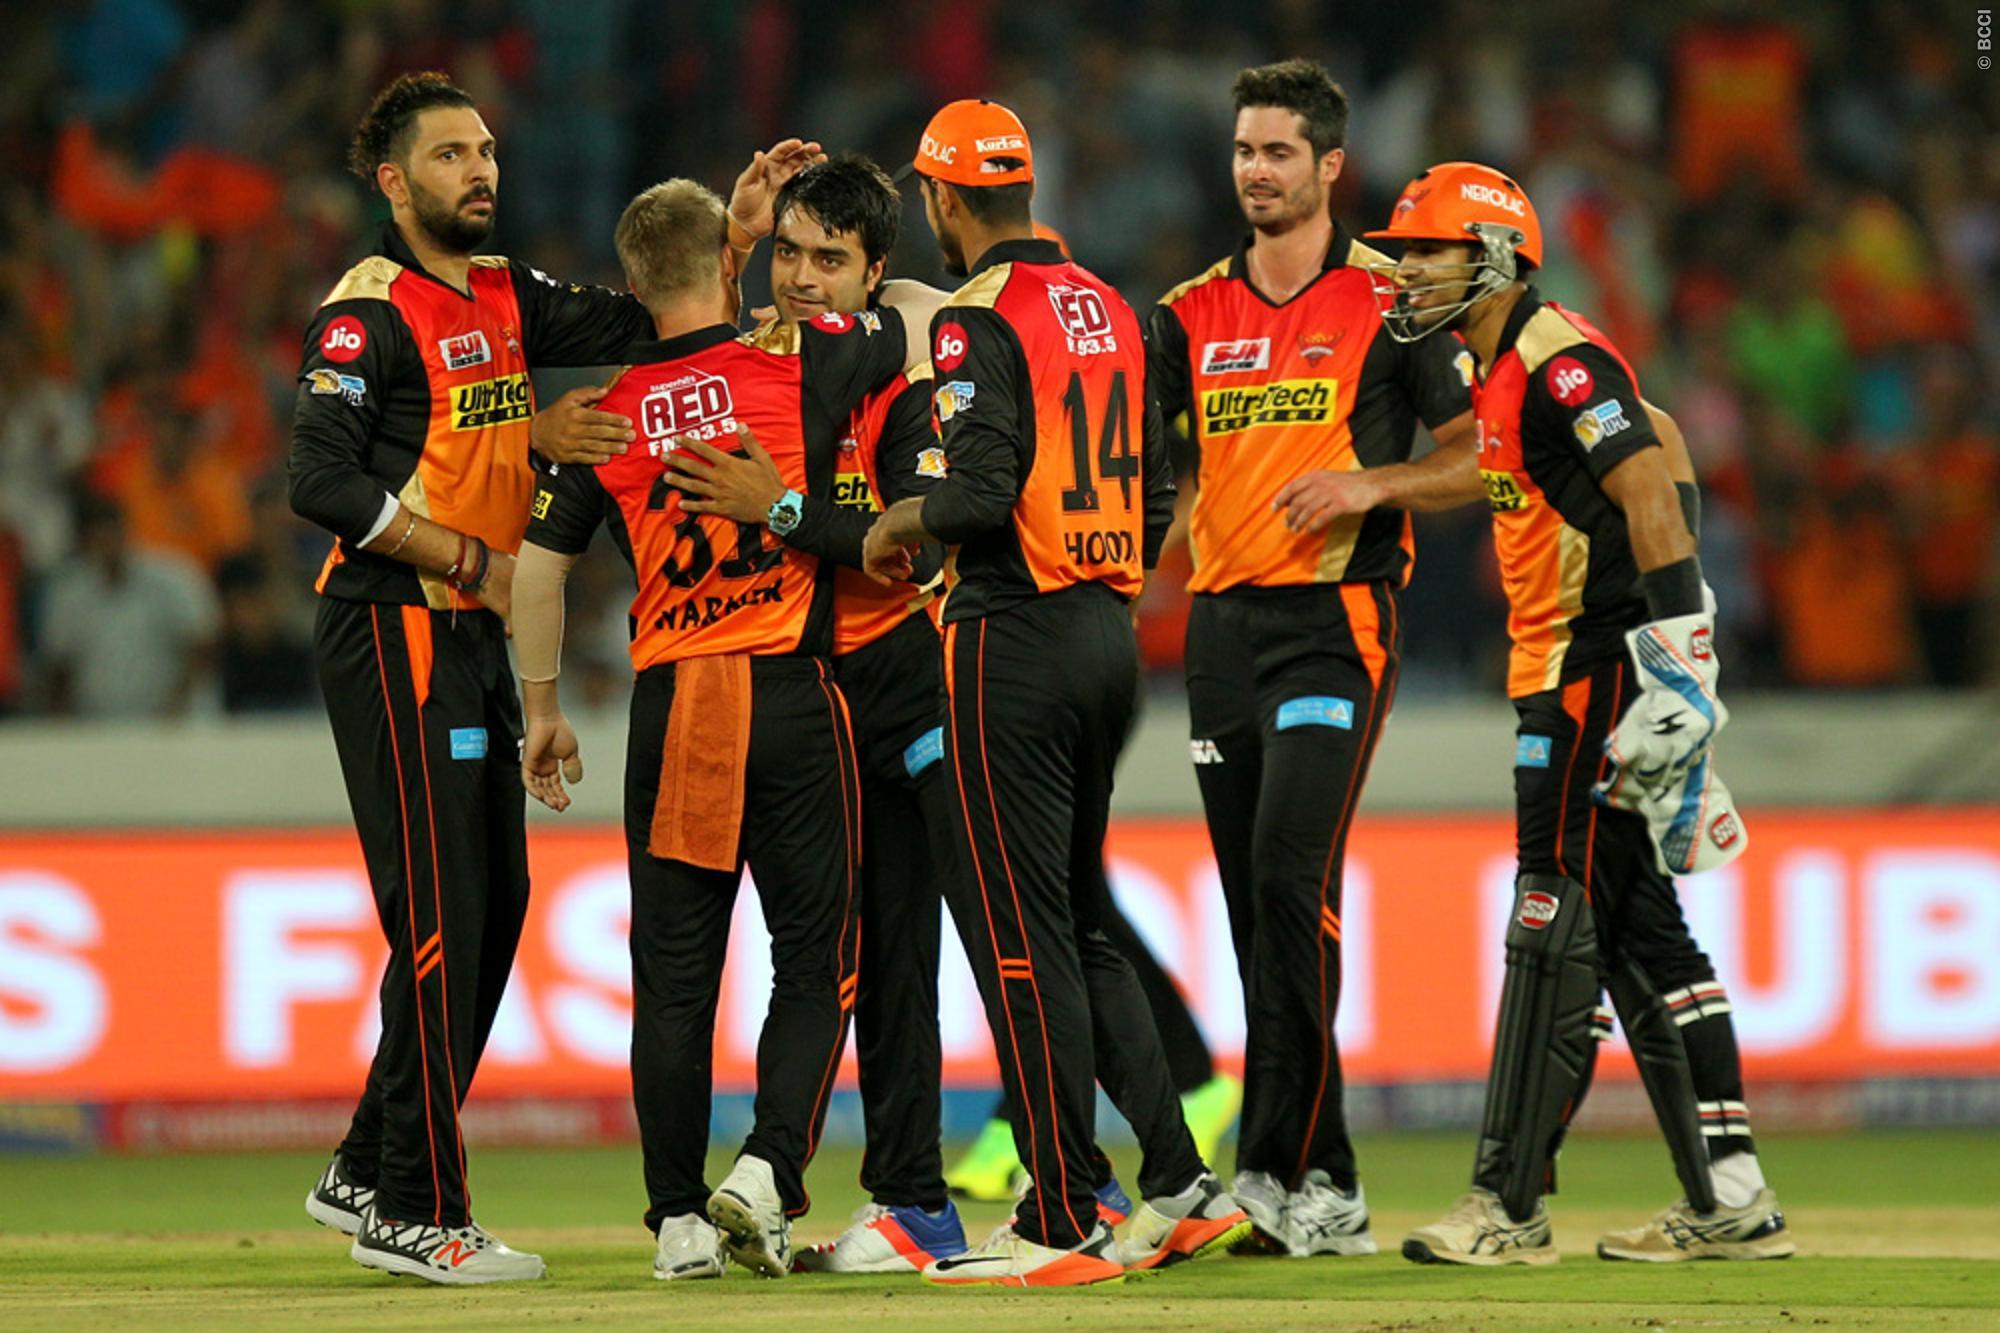 IPL 2017 SRH vs RCB: Yuvraj's fastest 50 helps Hyderabad ...